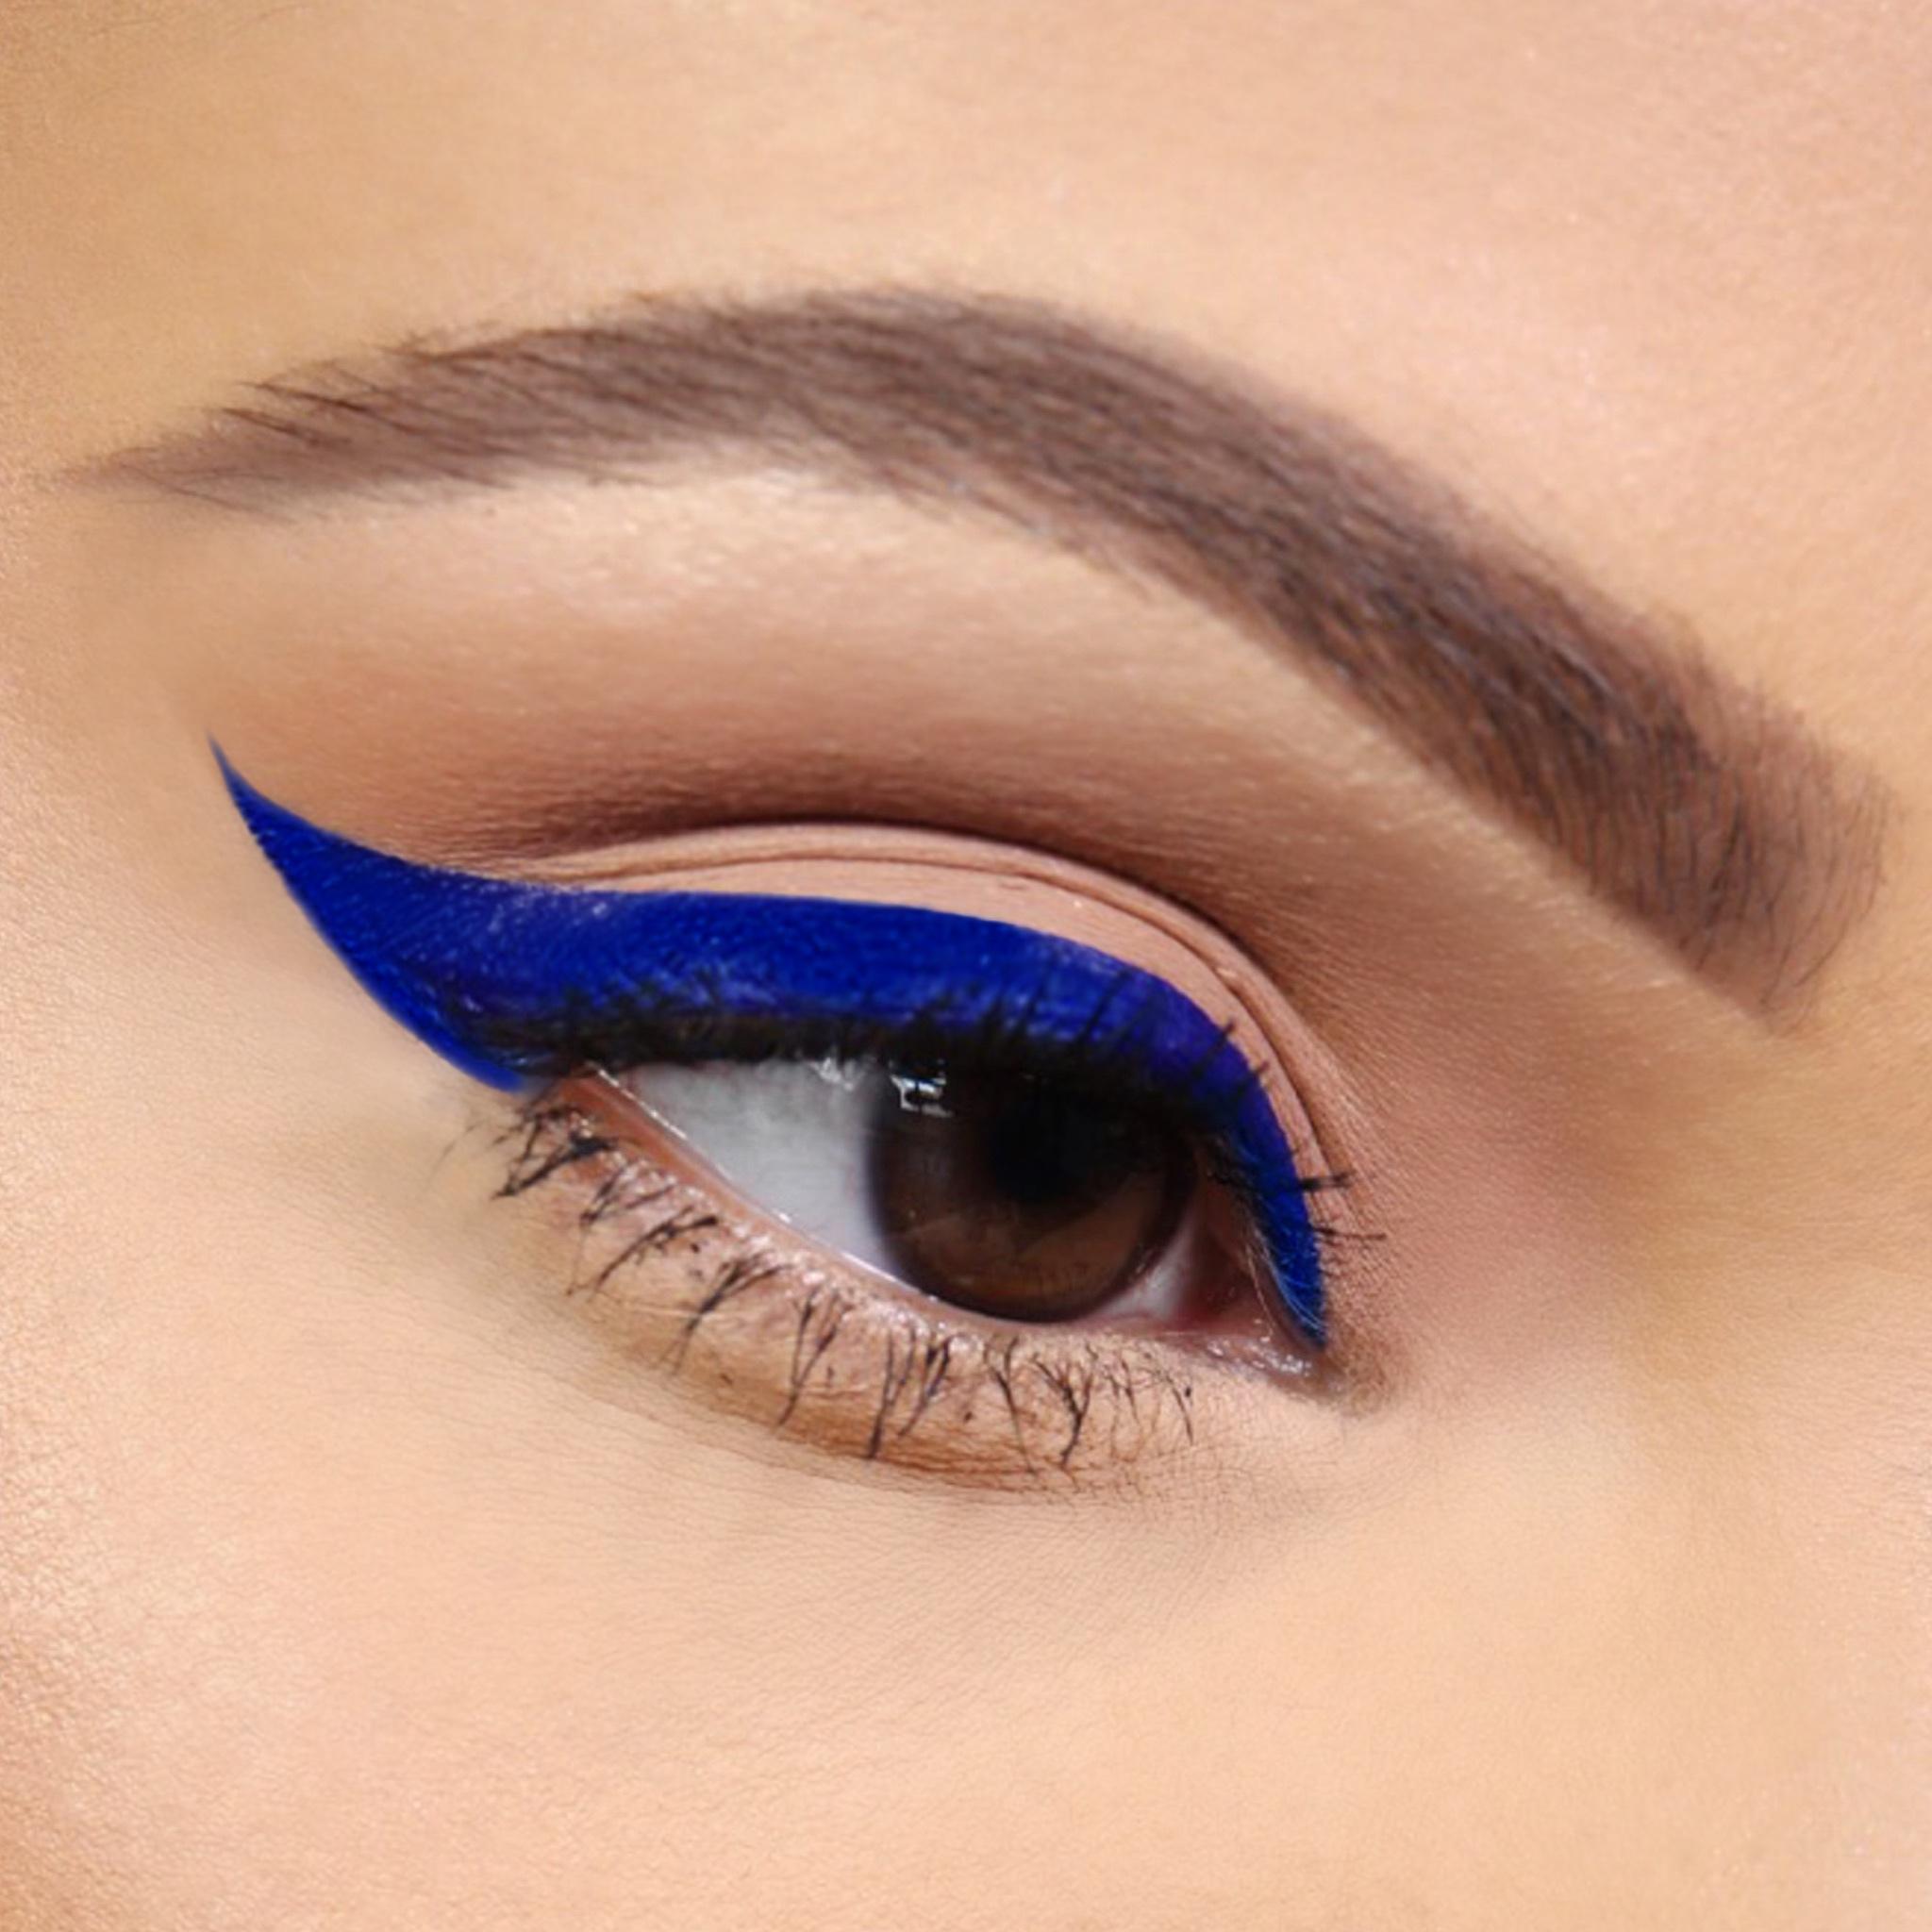 bonita-bandera_close-up-eye-shot.jpg